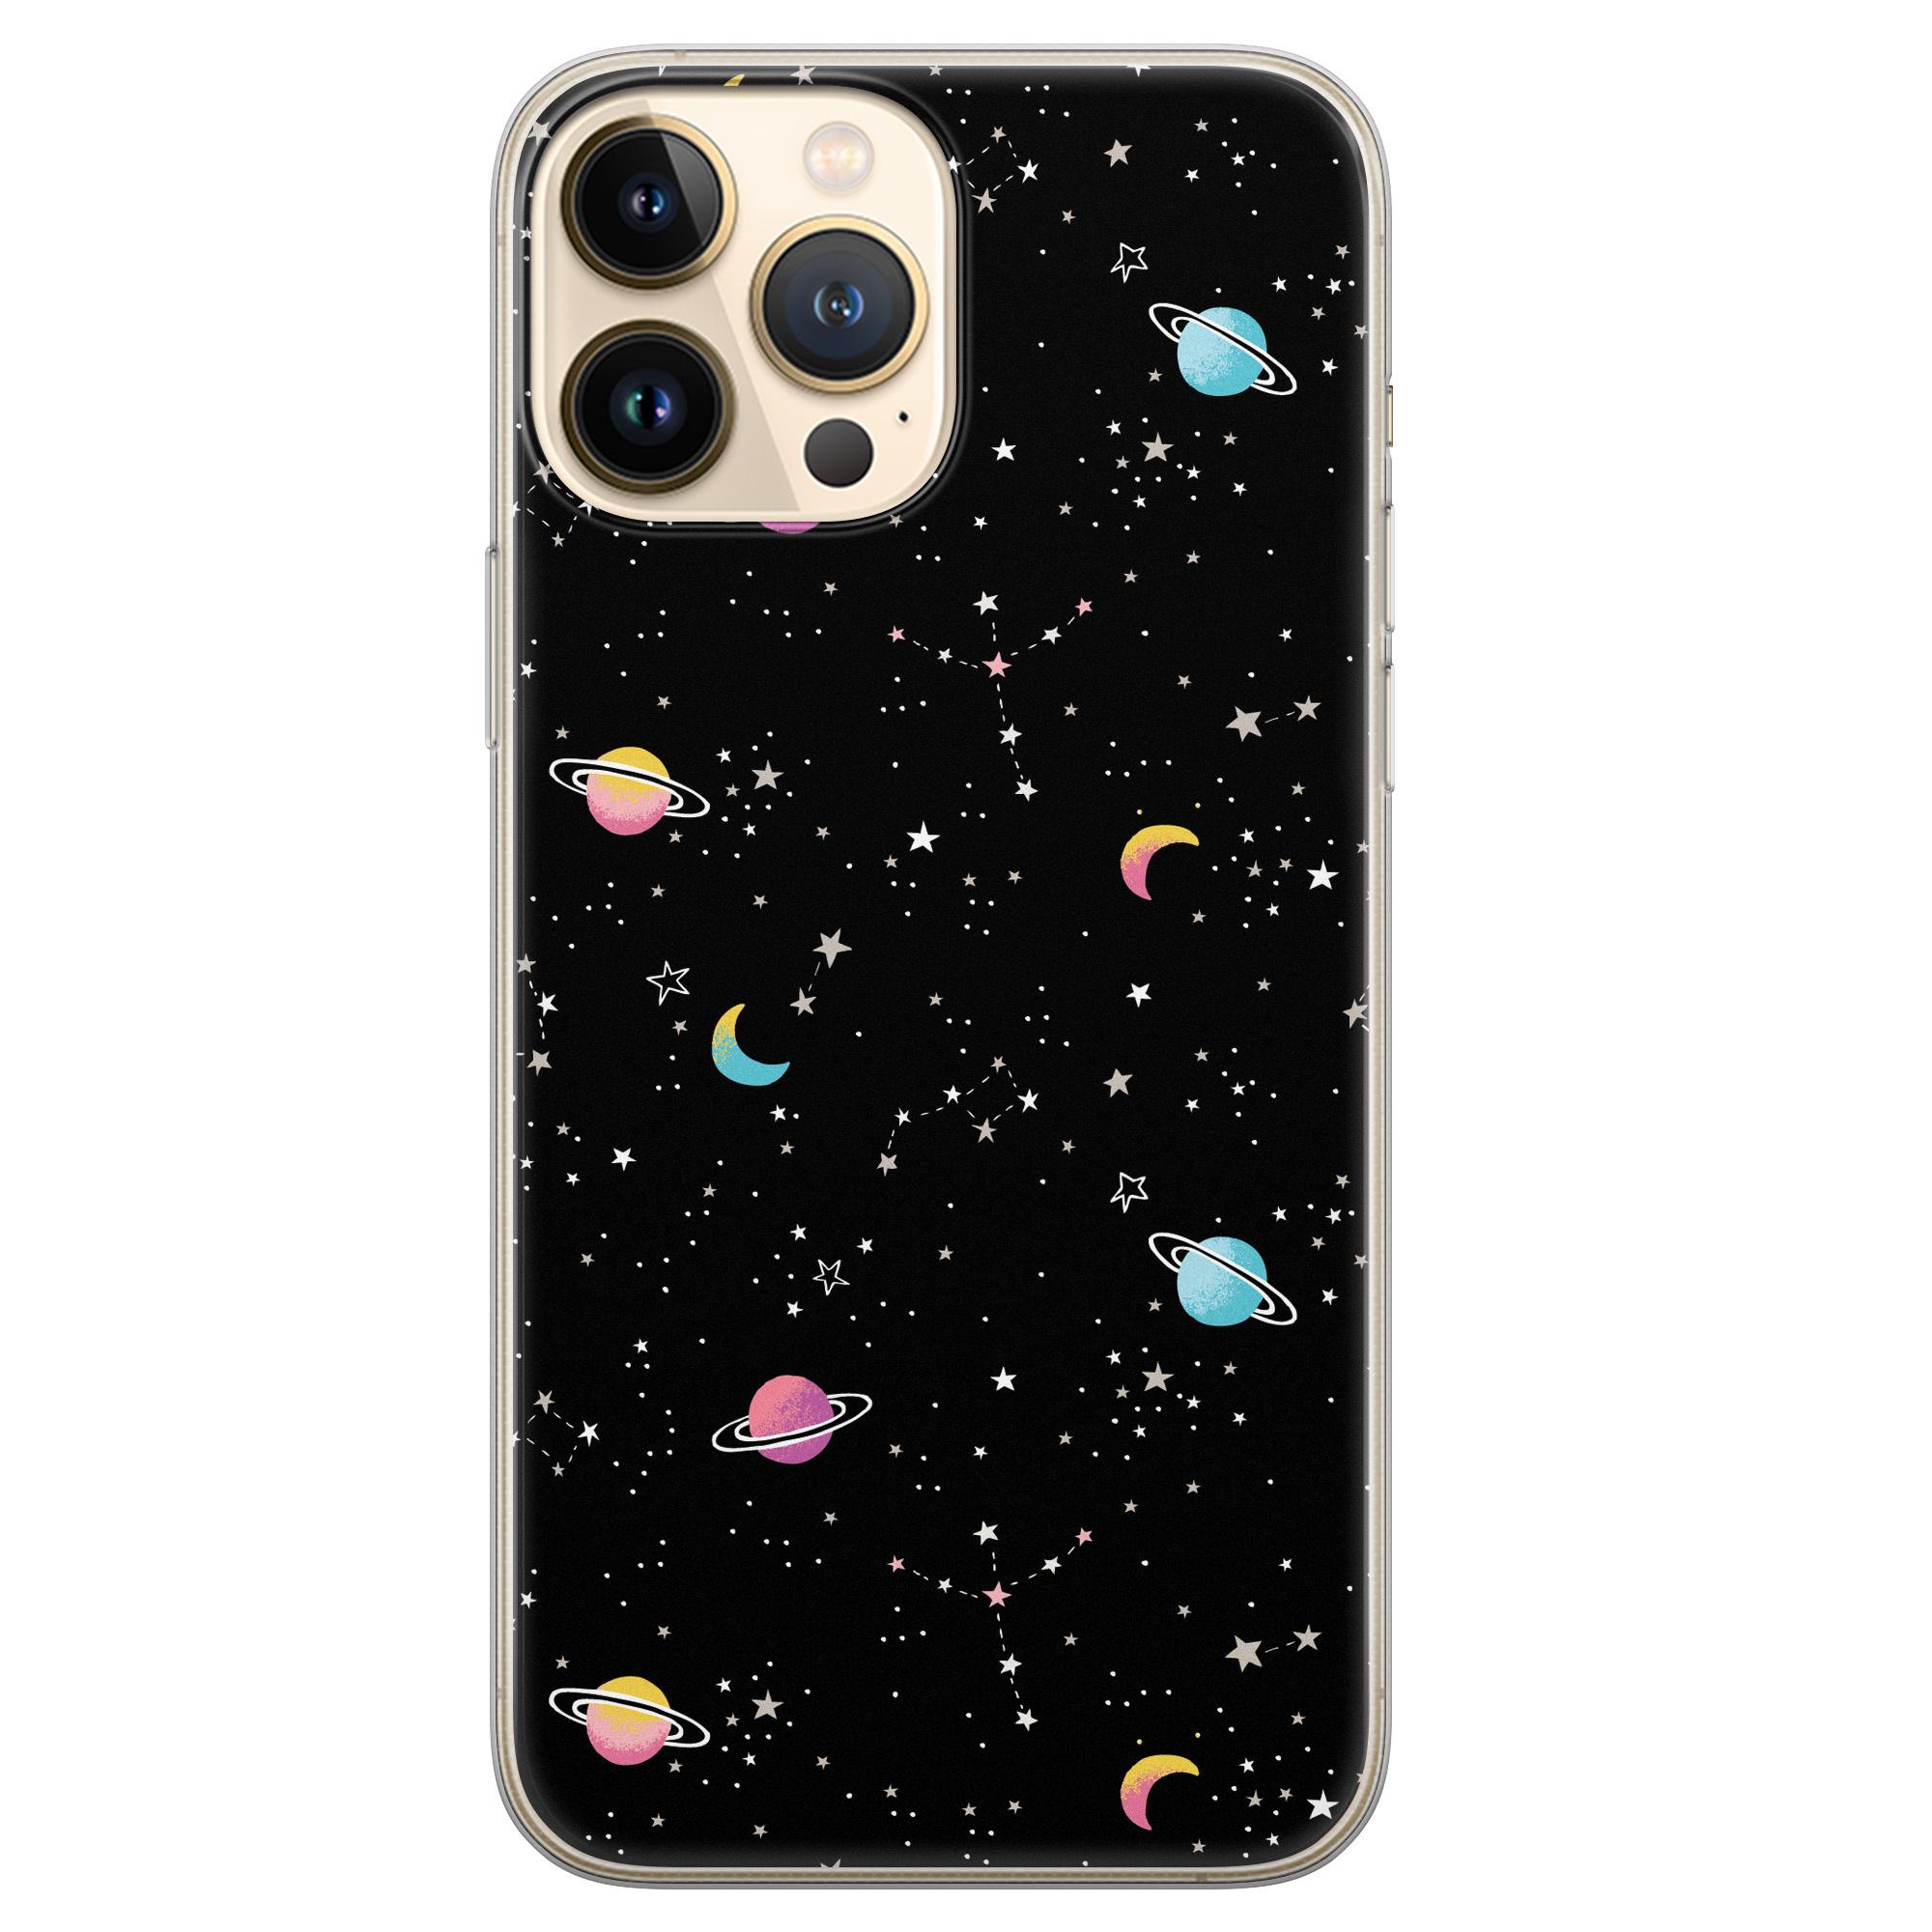 Leuke Telefoonhoesjes iPhone 13 Pro Max siliconen hoesje - Universum